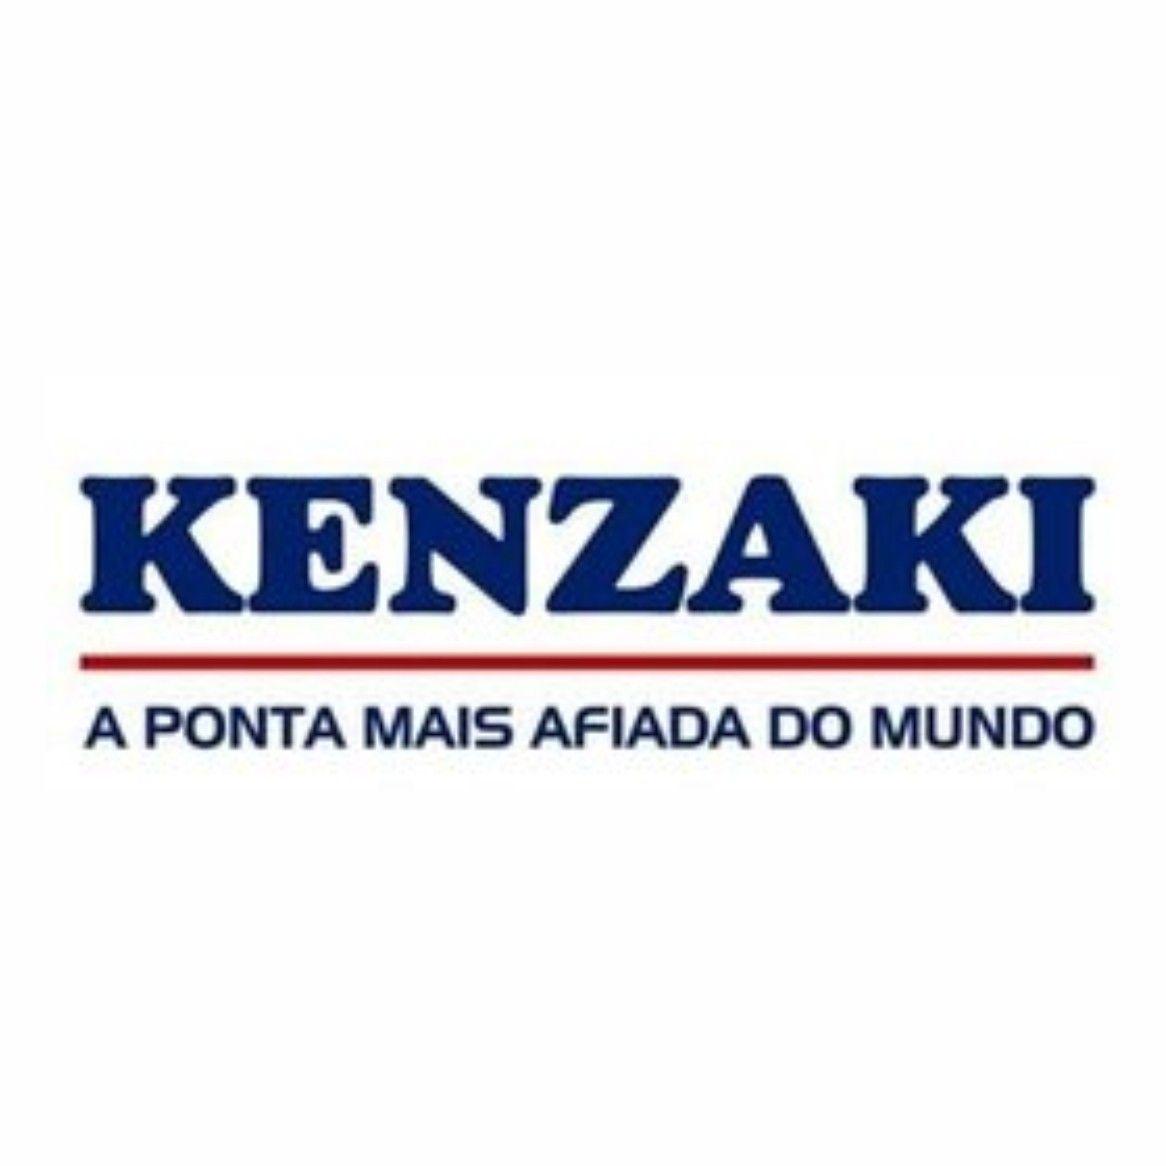 Anzol Kenzaki Robalo 24 - 10 Peças   - Life Pesca - Sua loja de Pesca, Camping e Lazer